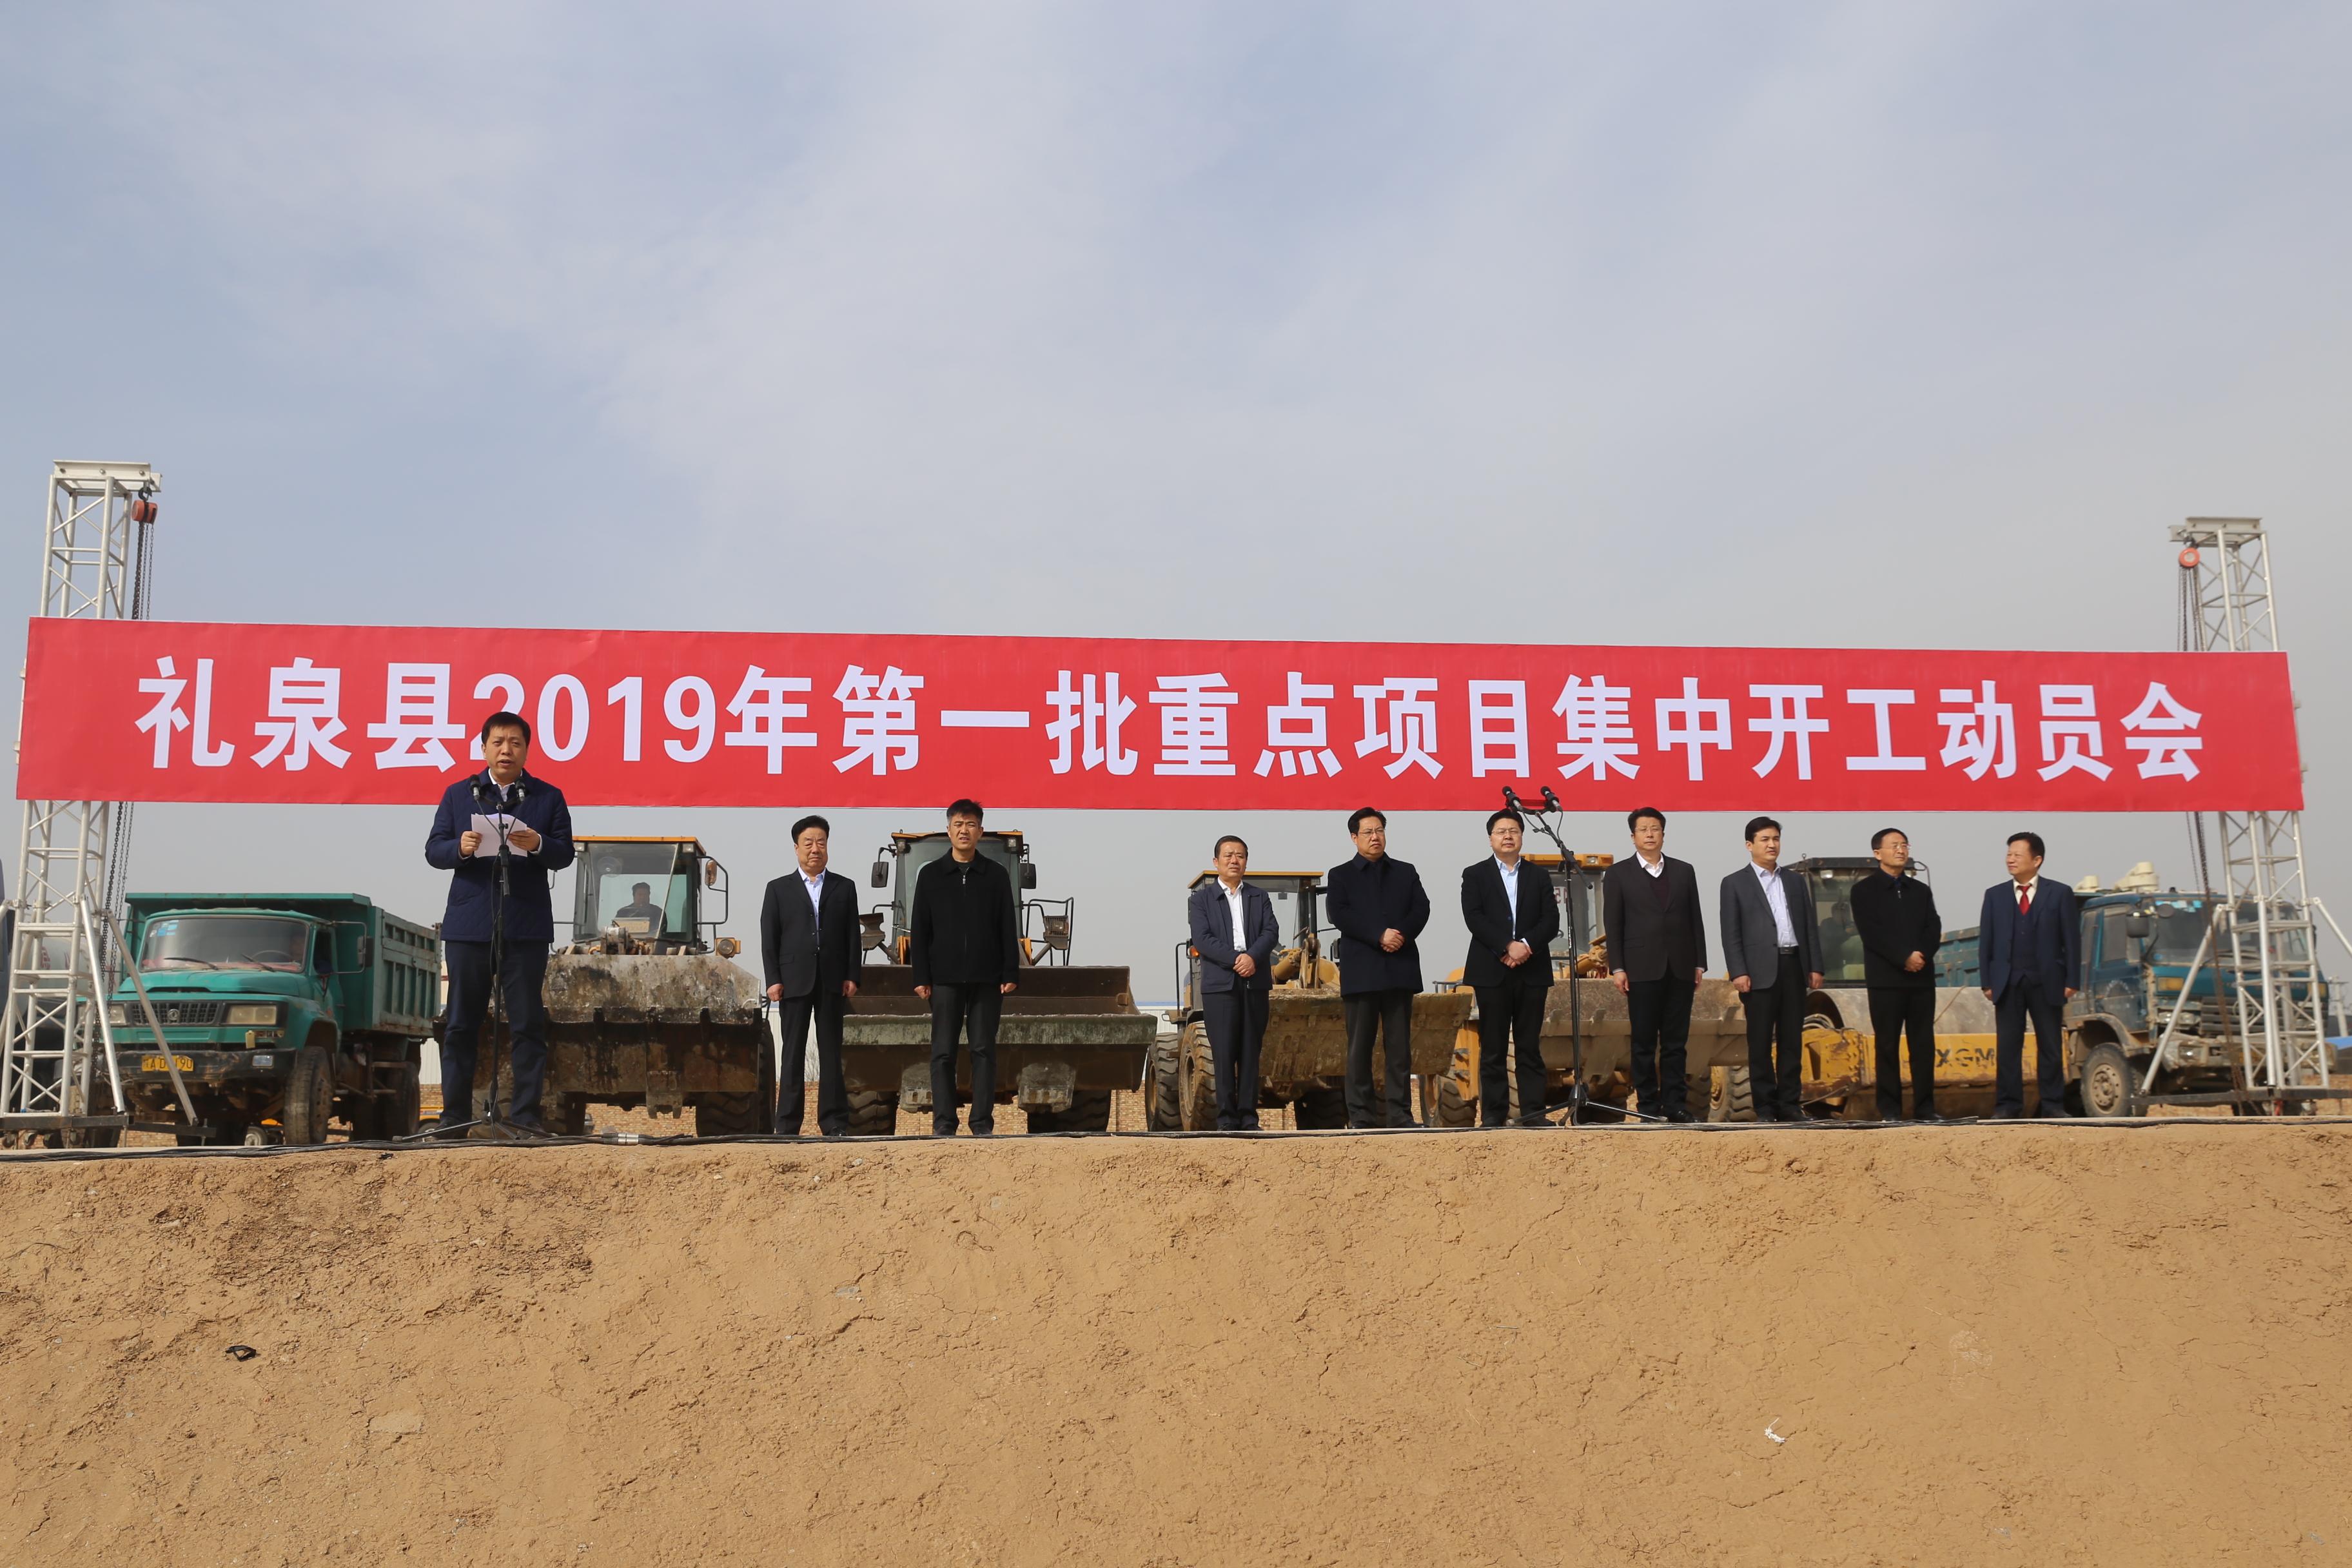 礼泉重点项目建设促经济社会快速发展